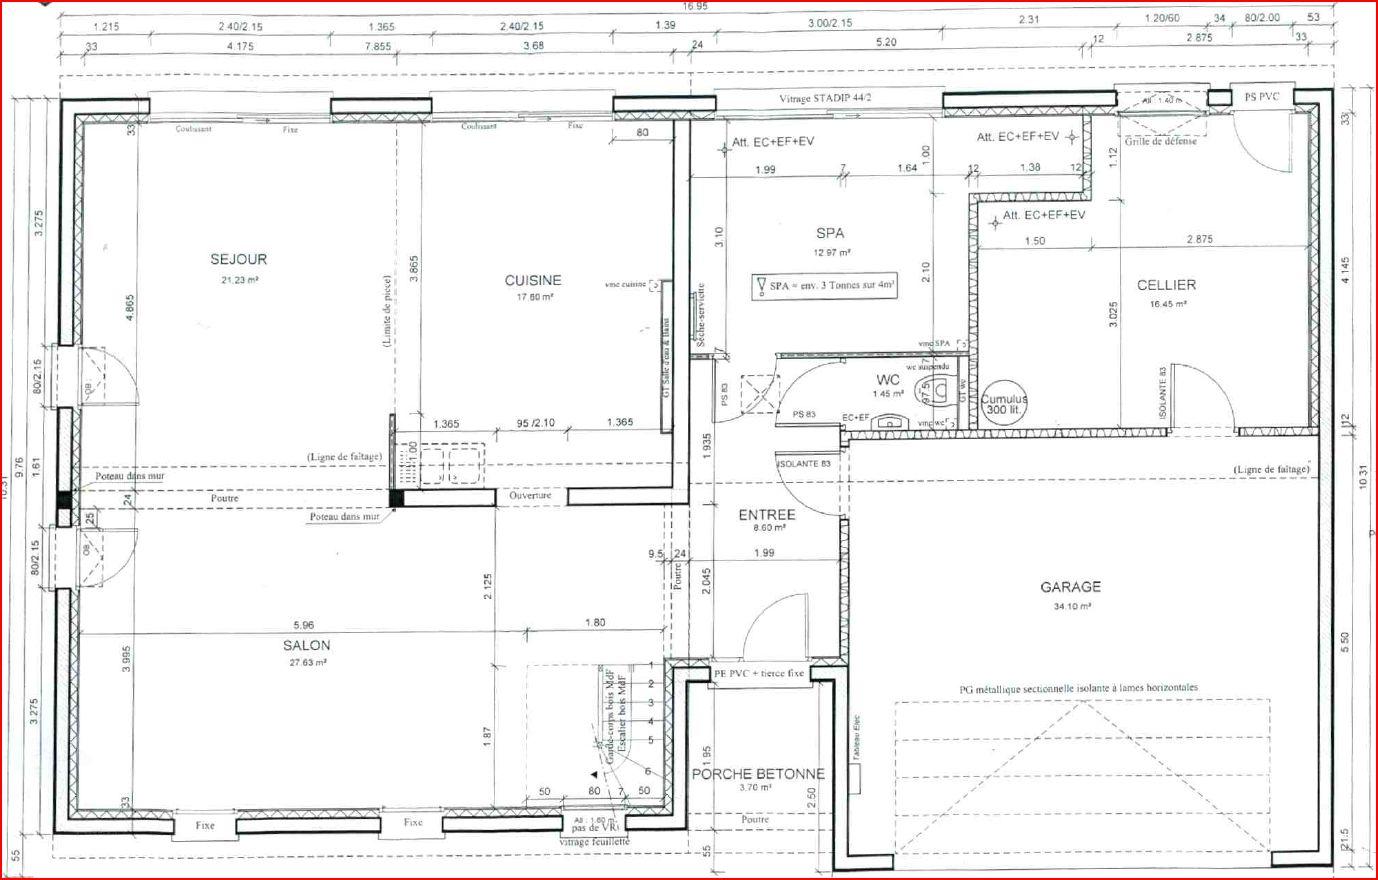 maison claude rizzon forum segu maison. Black Bedroom Furniture Sets. Home Design Ideas